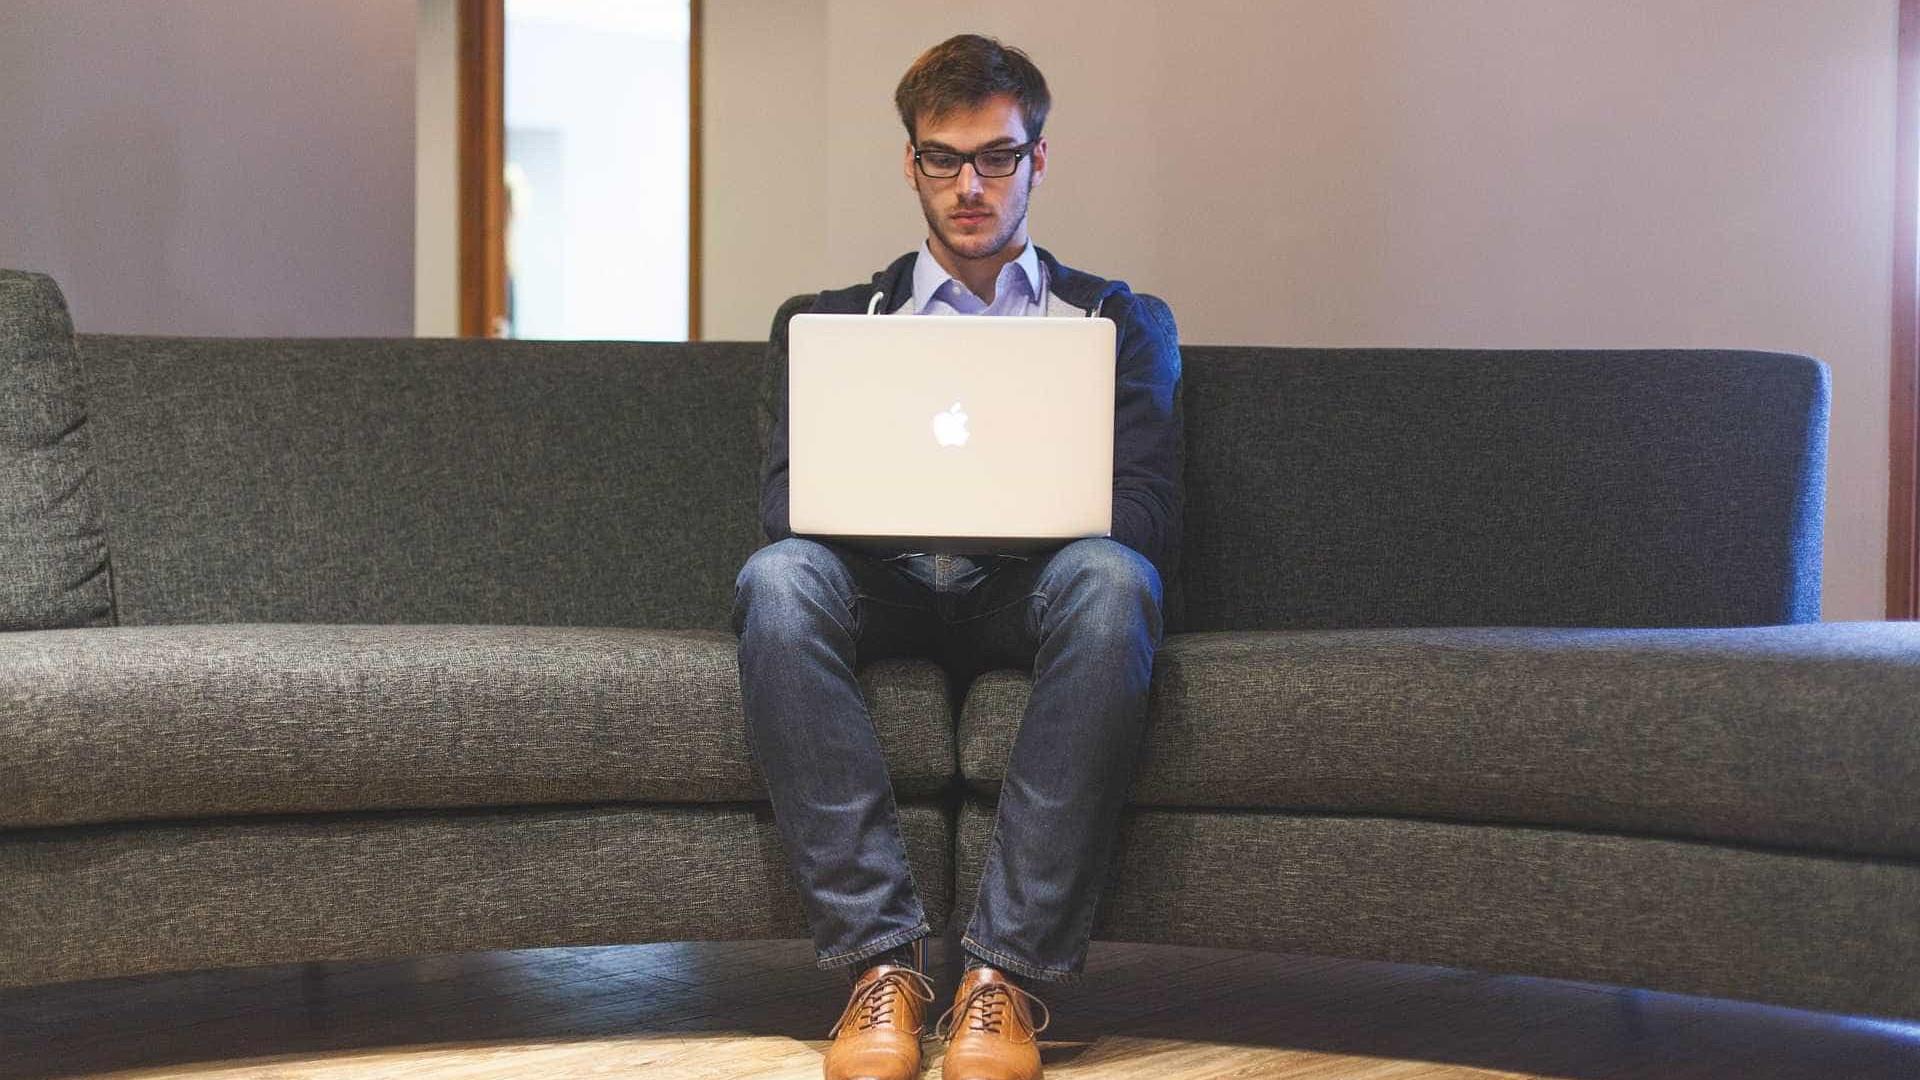 Ipea: 23% dos jovens brasileiros não trabalham e nem estudam